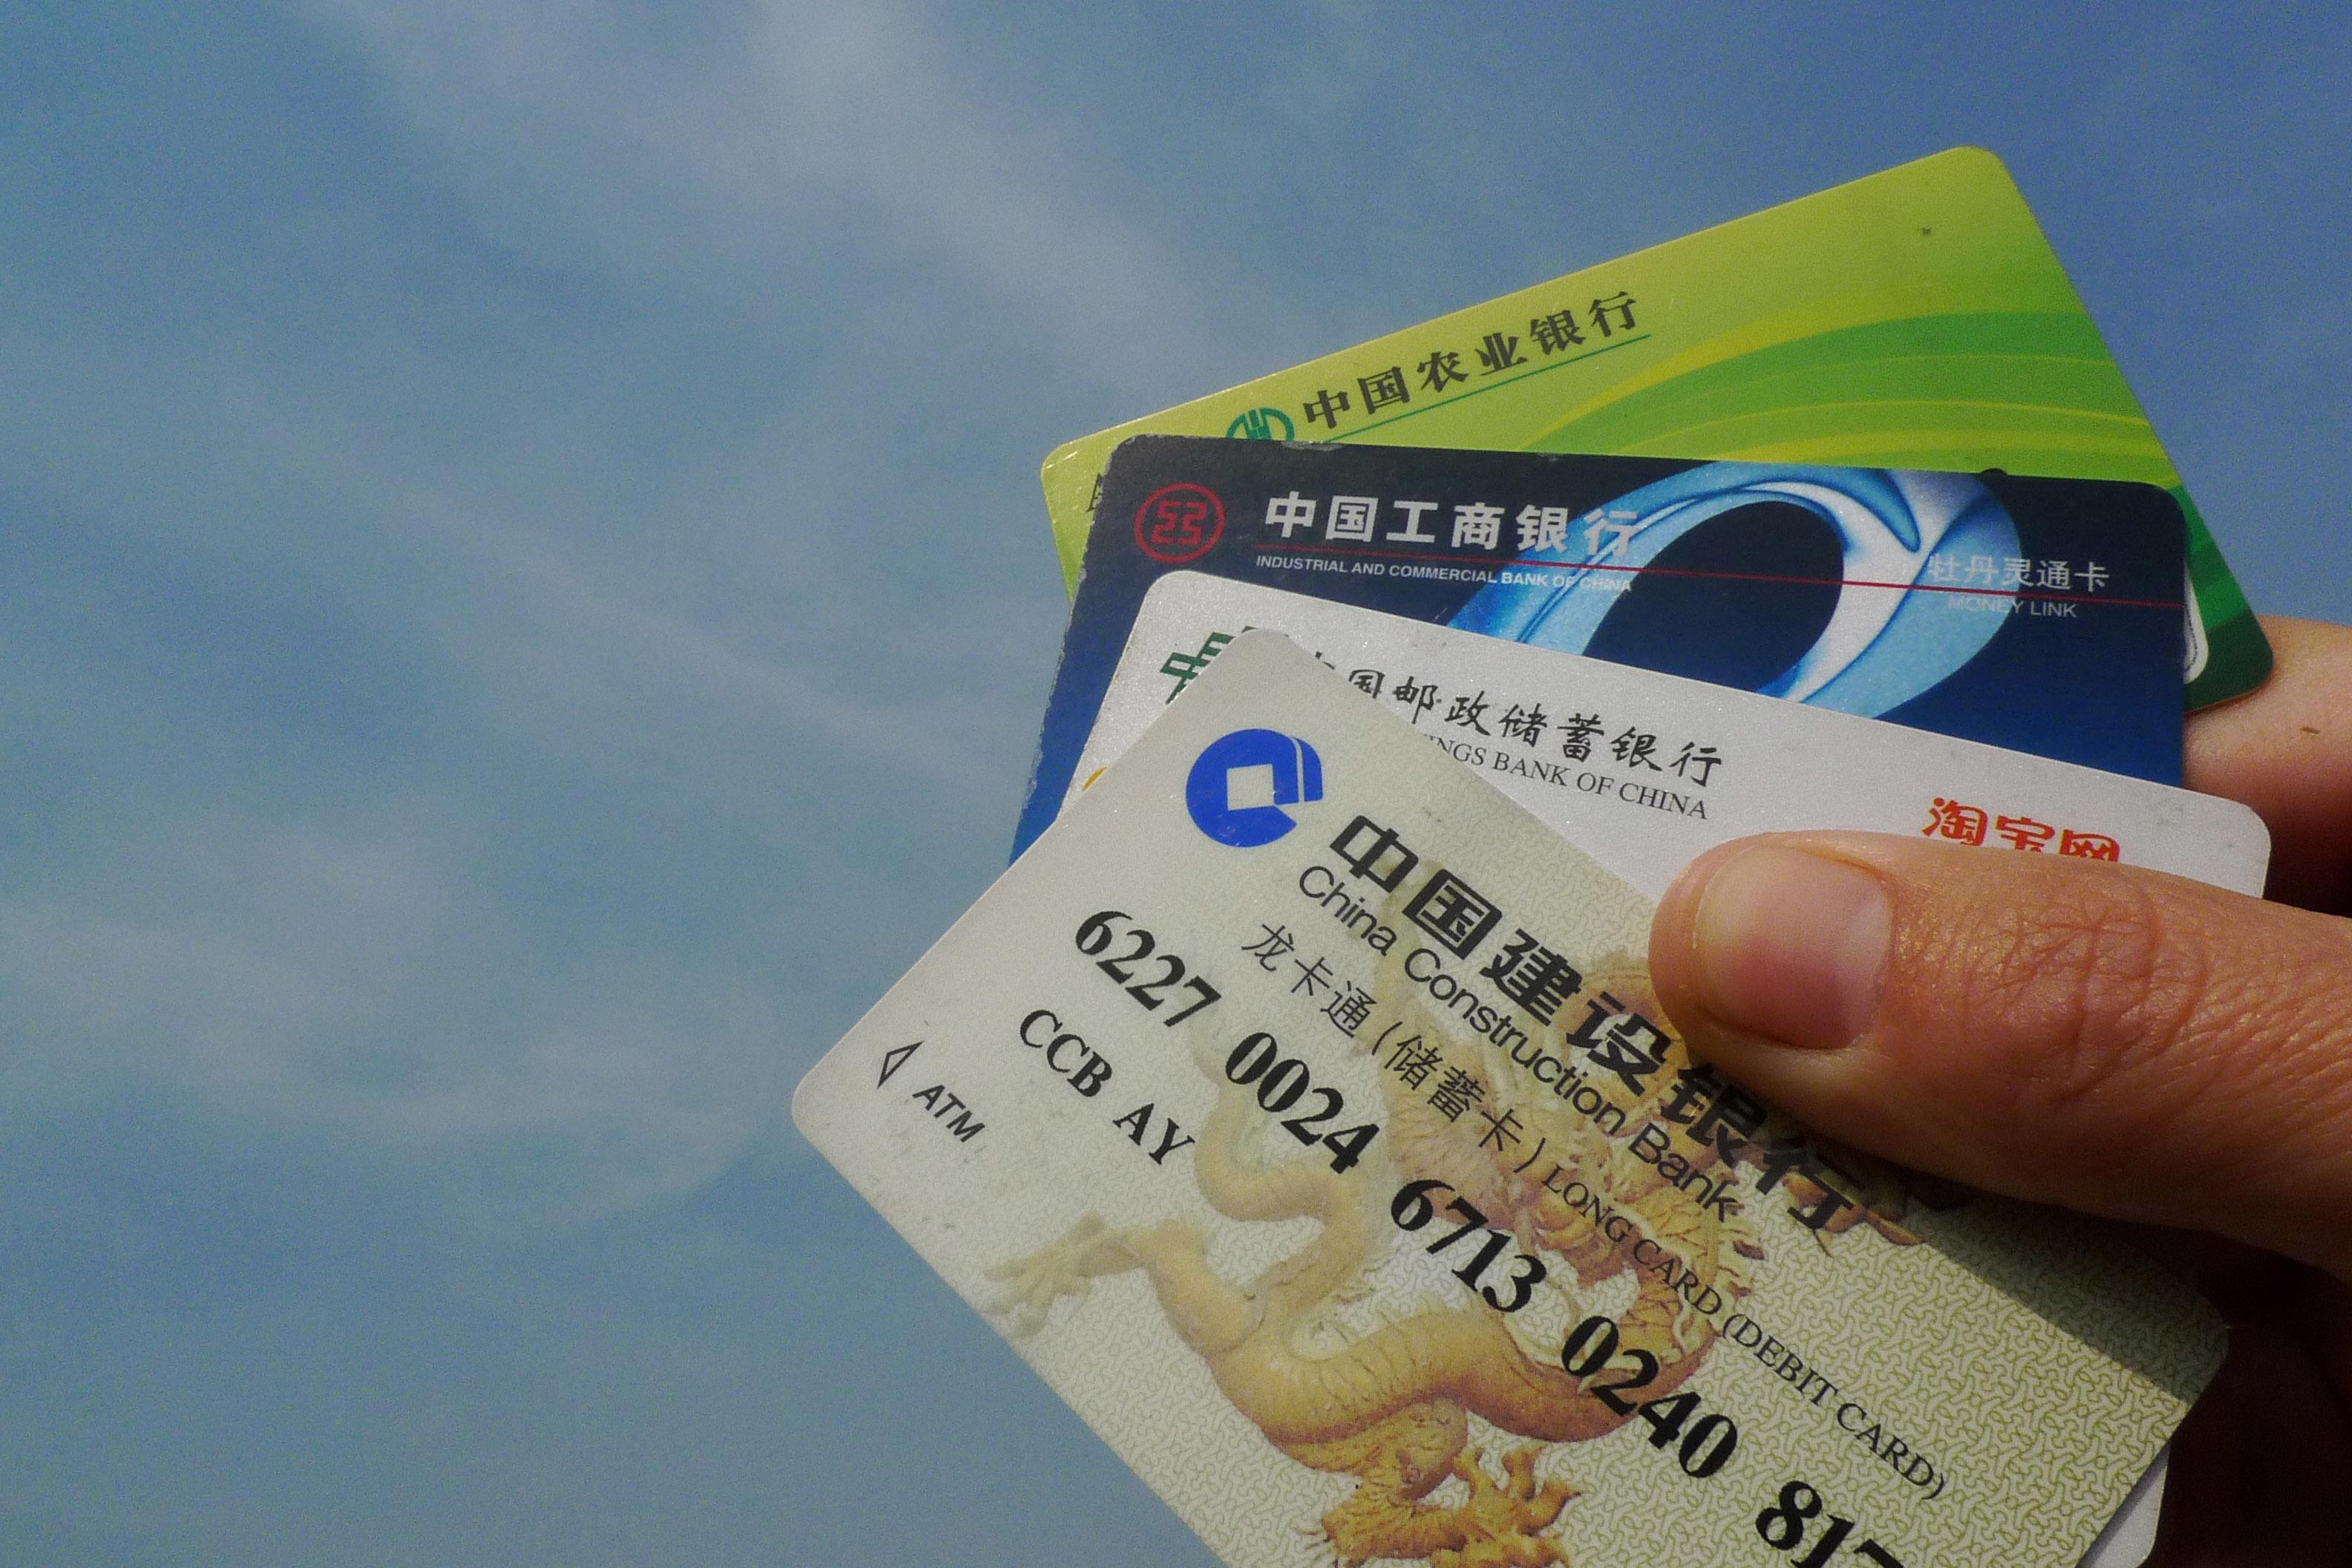 【橡膠1505】手中持有這4種信用卡的,趕緊銷卡!